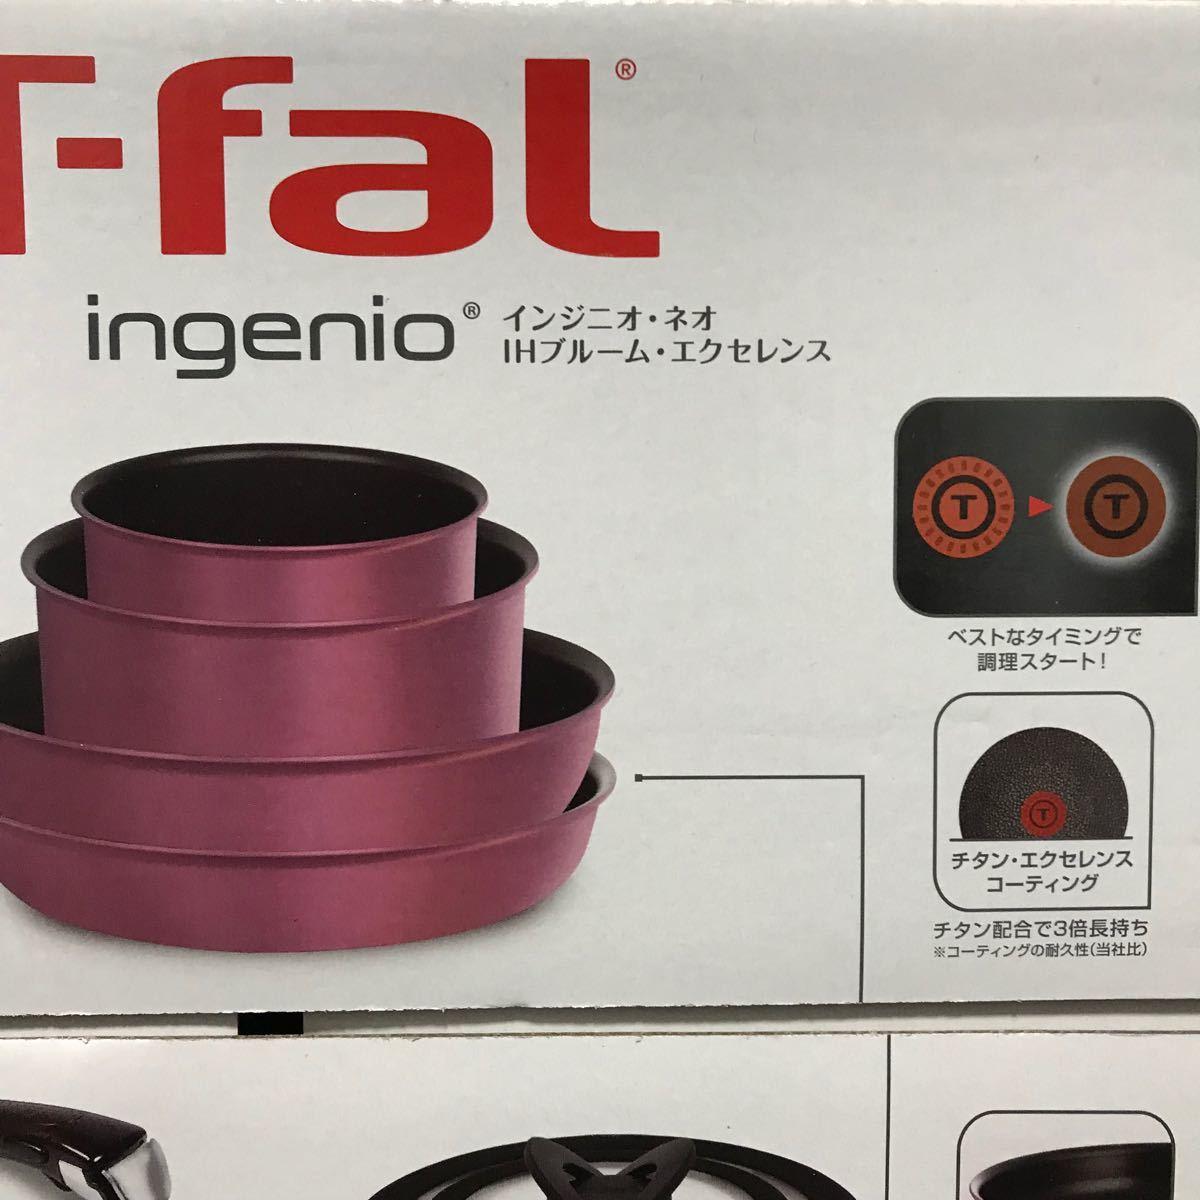 【新品未開封】ティファール  T-fal インジニオネオ ブルームエクセレンス 9点セット IH ガス火対応